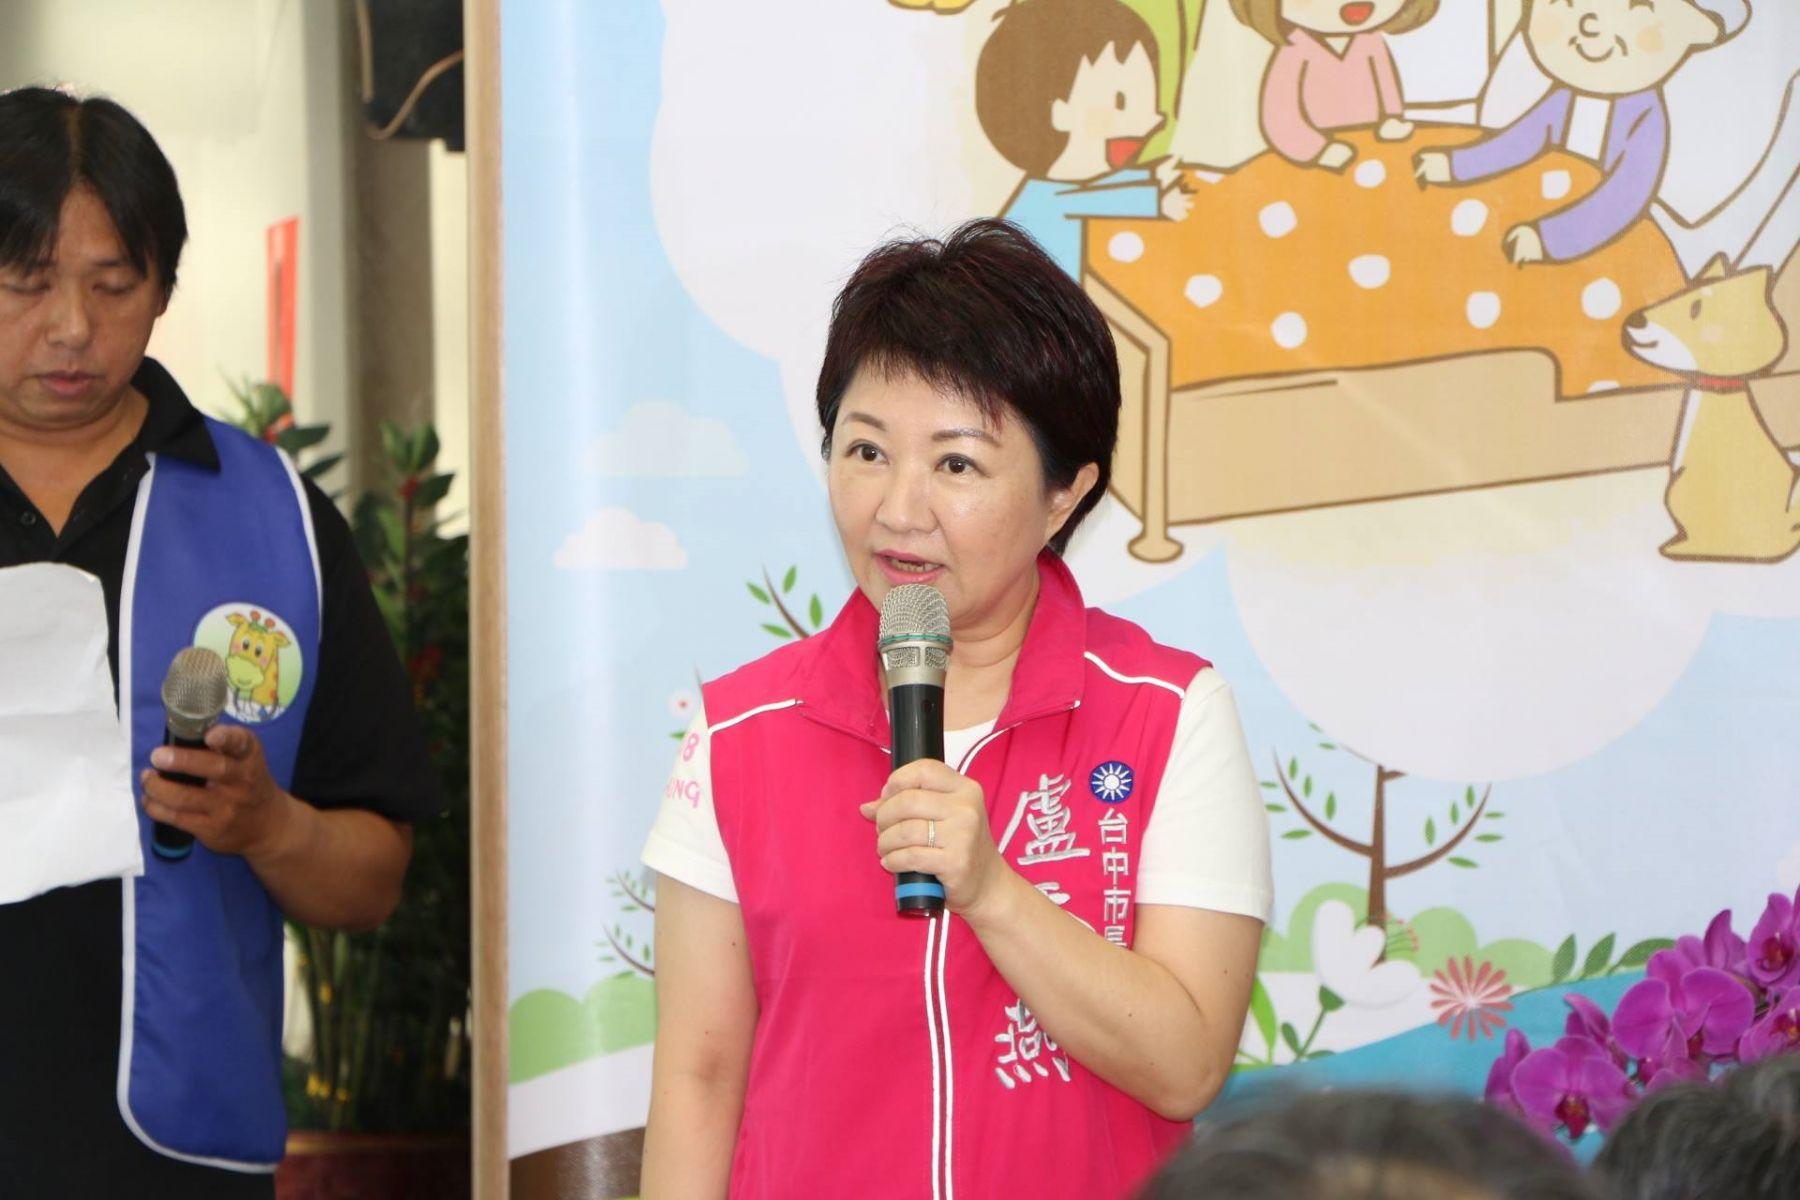 空污議題打動民心 盧秀燕確定當選台中市長